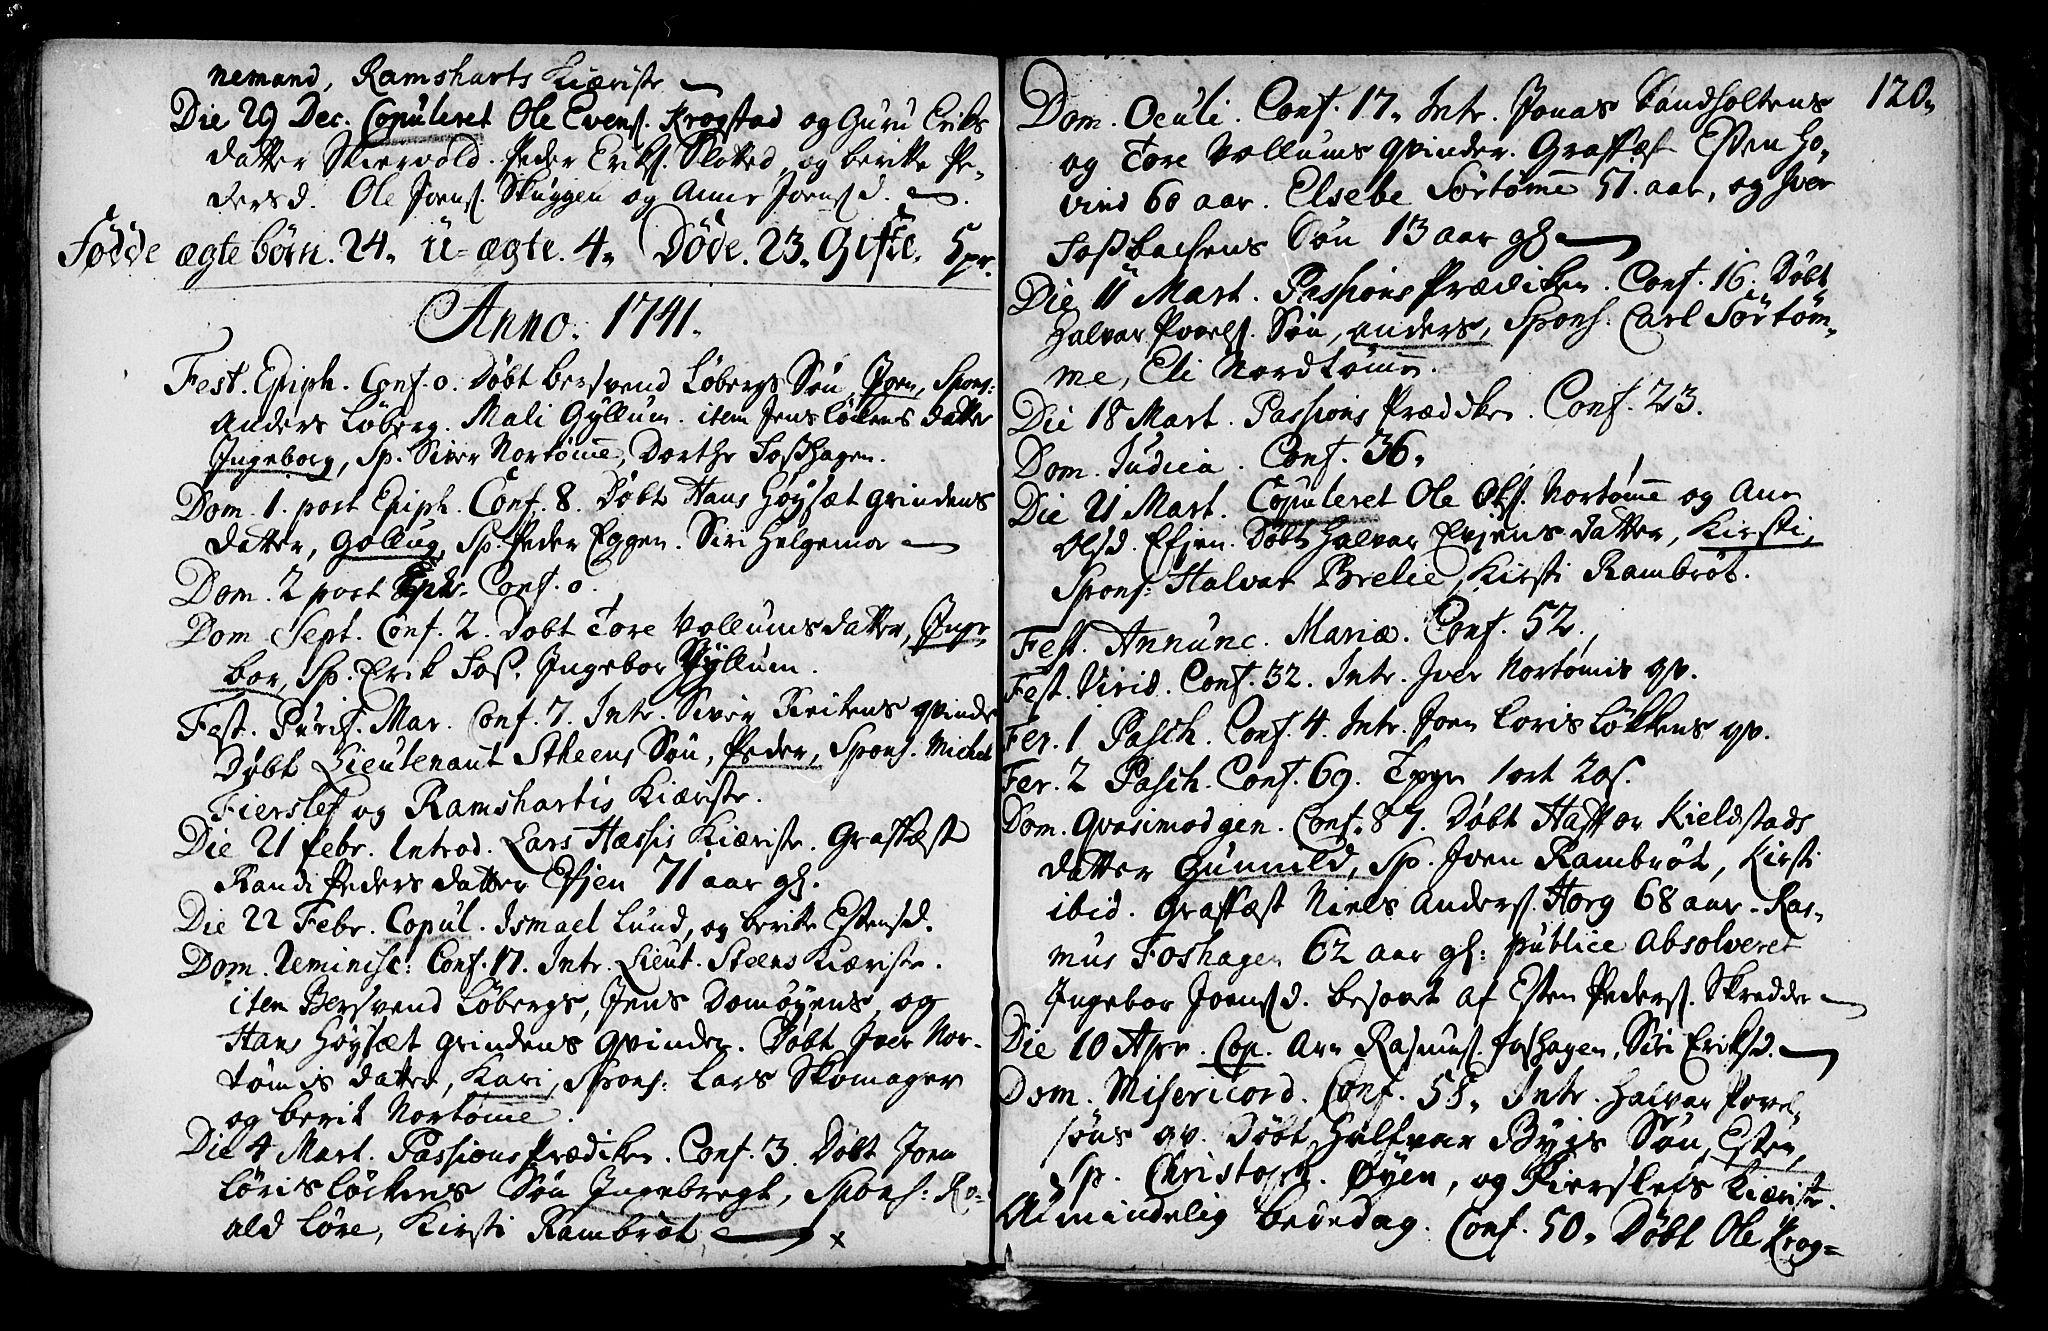 SAT, Ministerialprotokoller, klokkerbøker og fødselsregistre - Sør-Trøndelag, 692/L1101: Ministerialbok nr. 692A01, 1690-1746, s. 120